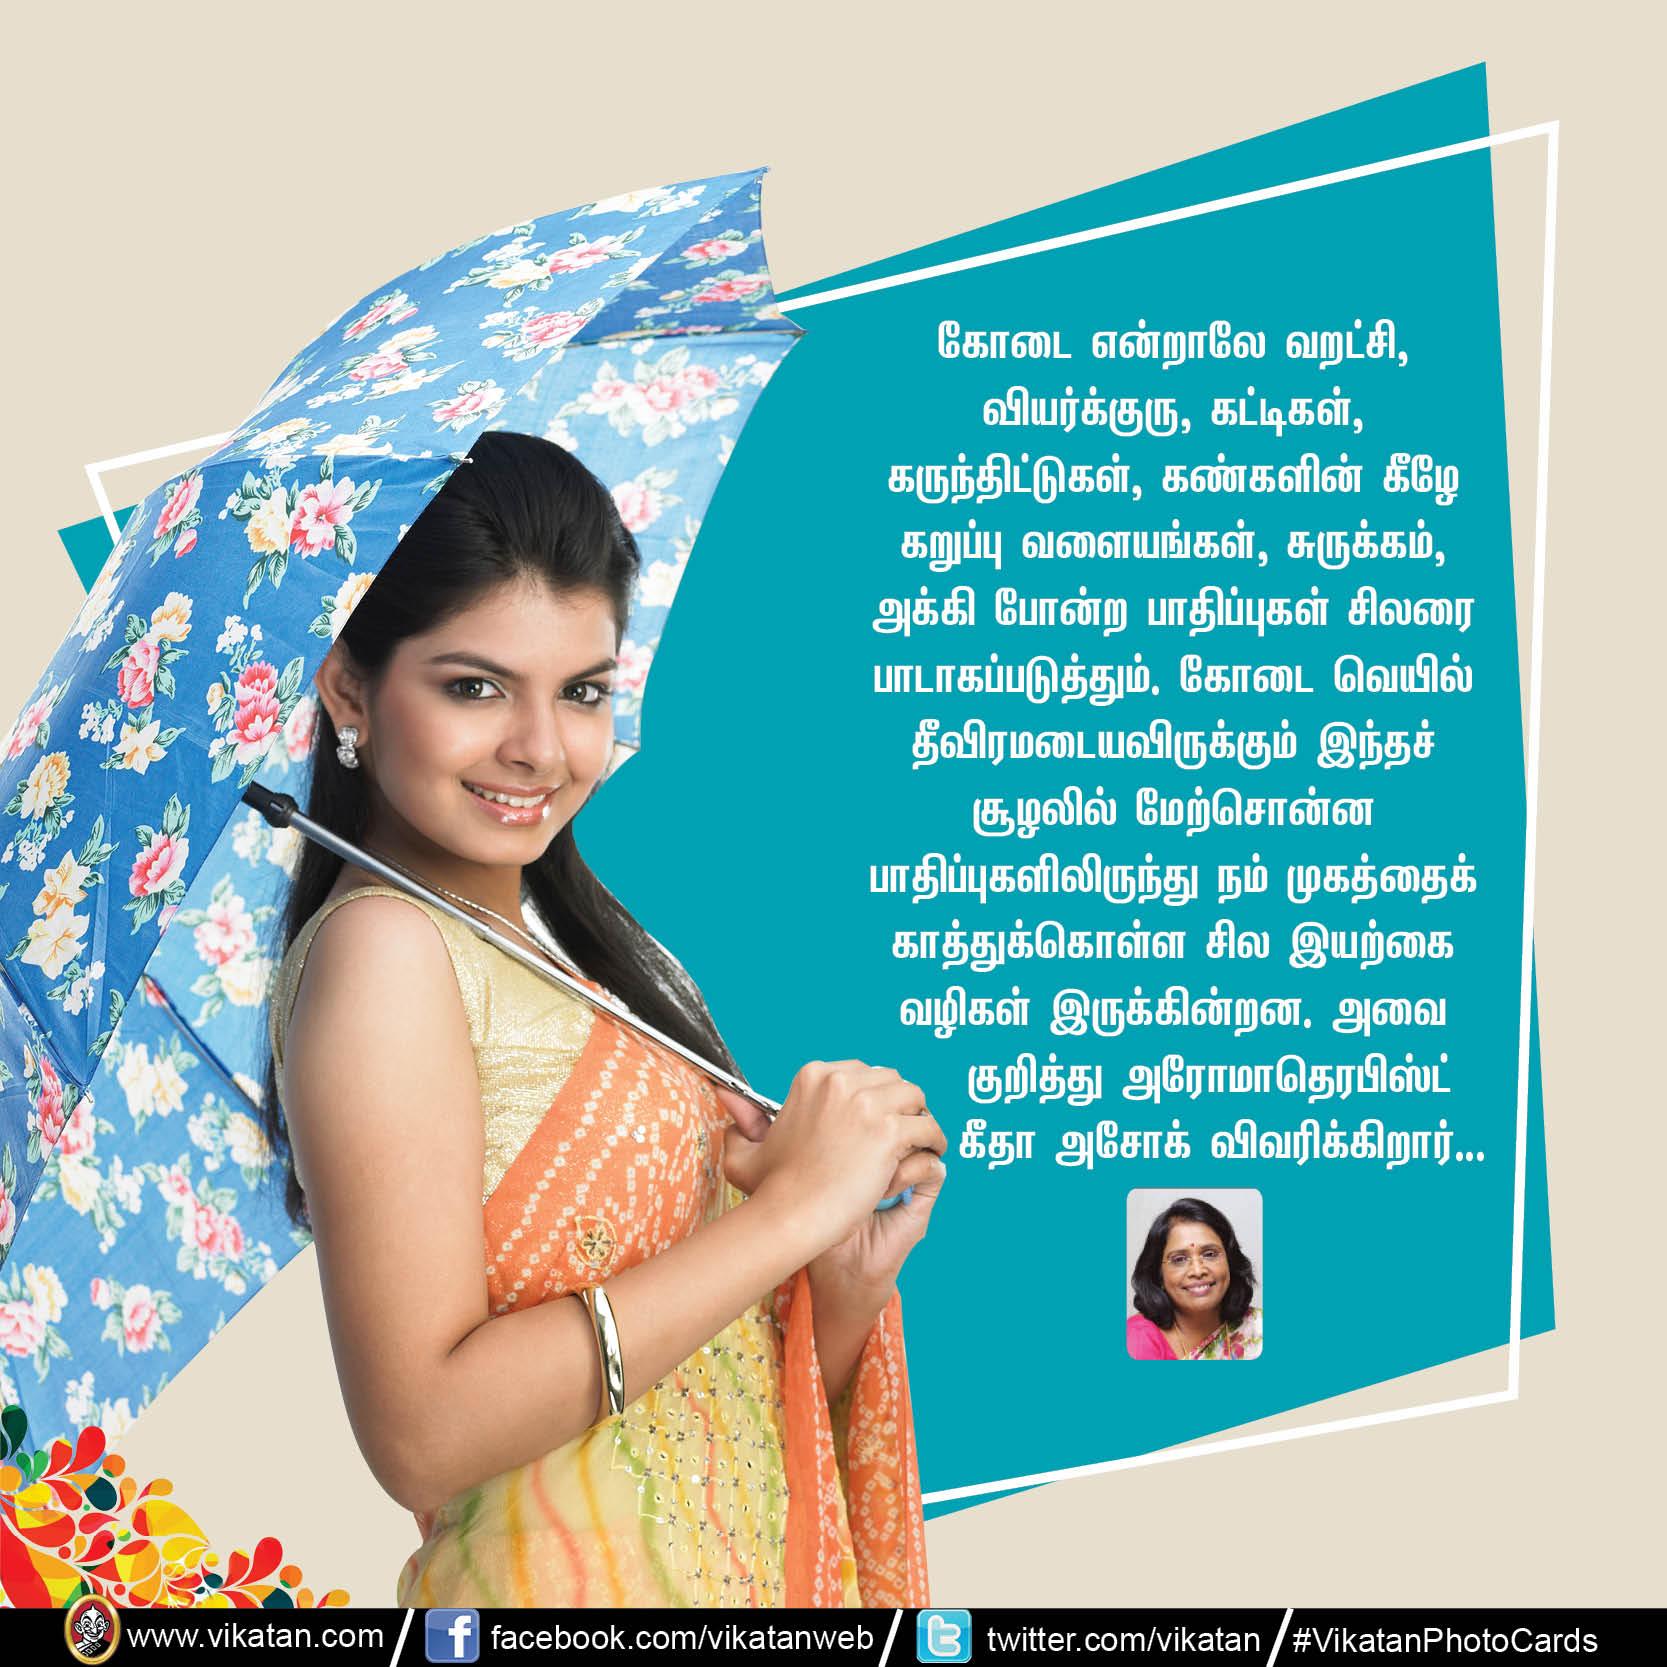 அழகு, பொலிவு, வசீகரம்... முக அழகை மேம்படுத்தும் எளிய வழிகள்! #VikatanPhotoCards